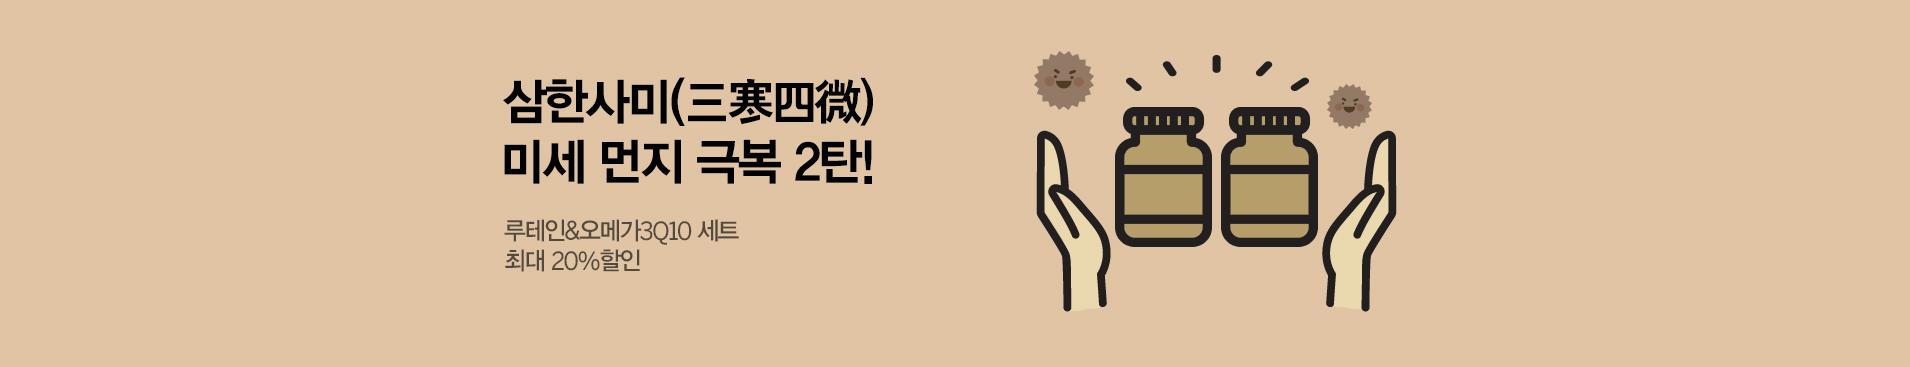 삼한사미 미세먼지 극복 2탄